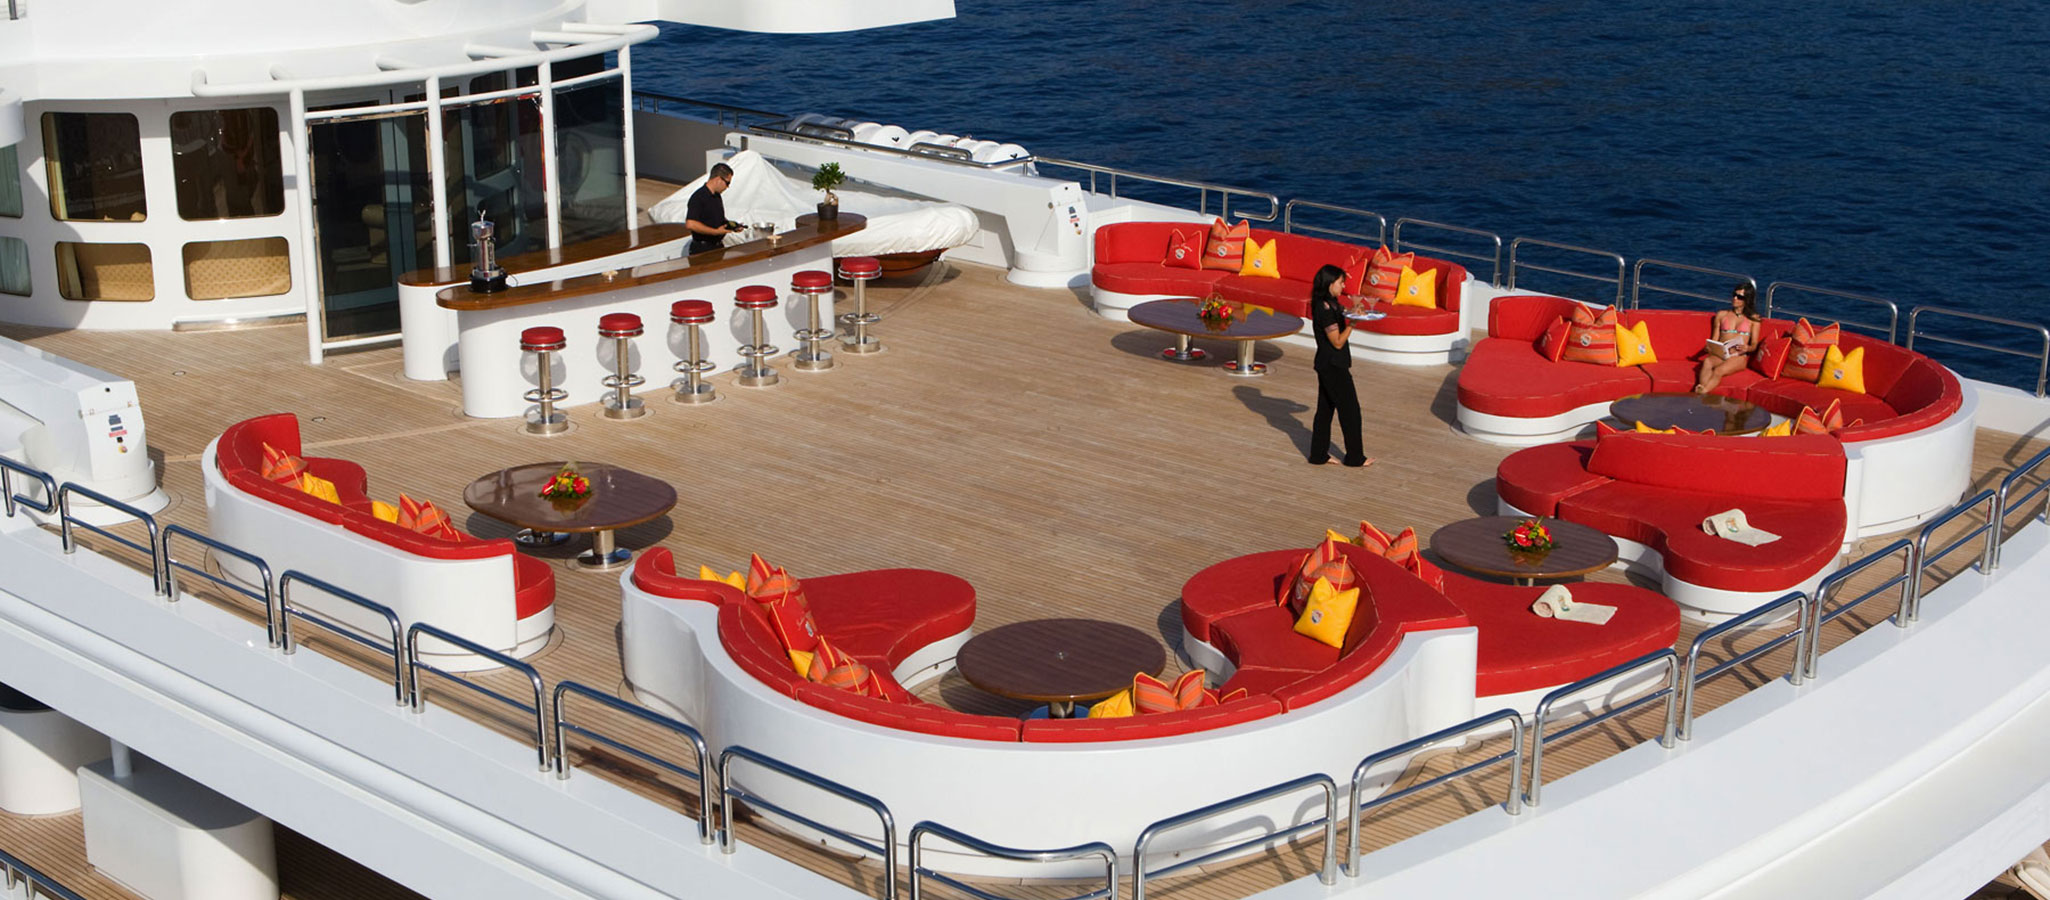 Im Hafen und vor Anker liegend sind auf den Pool- und Sonnendecks Parties für 100 Gäste und mehr möglich.